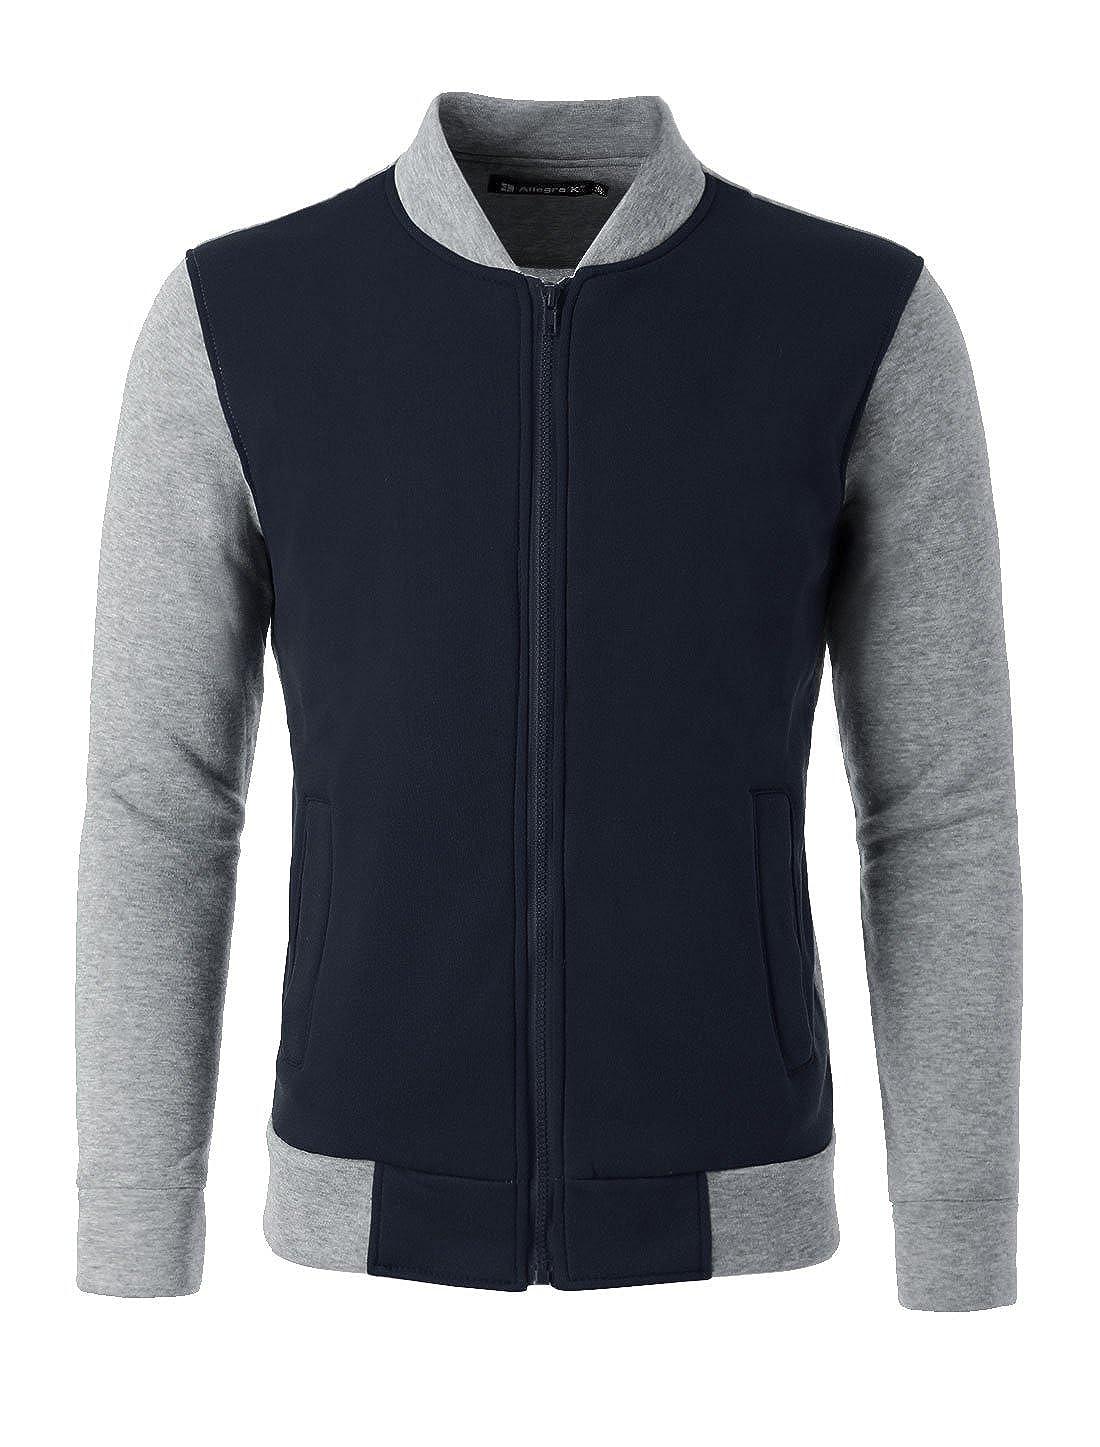 Allegra K Men Color Block Stand Collar Zipper Front Cozy Outdoor Varsity Jacket uxcell g15072900ux0011